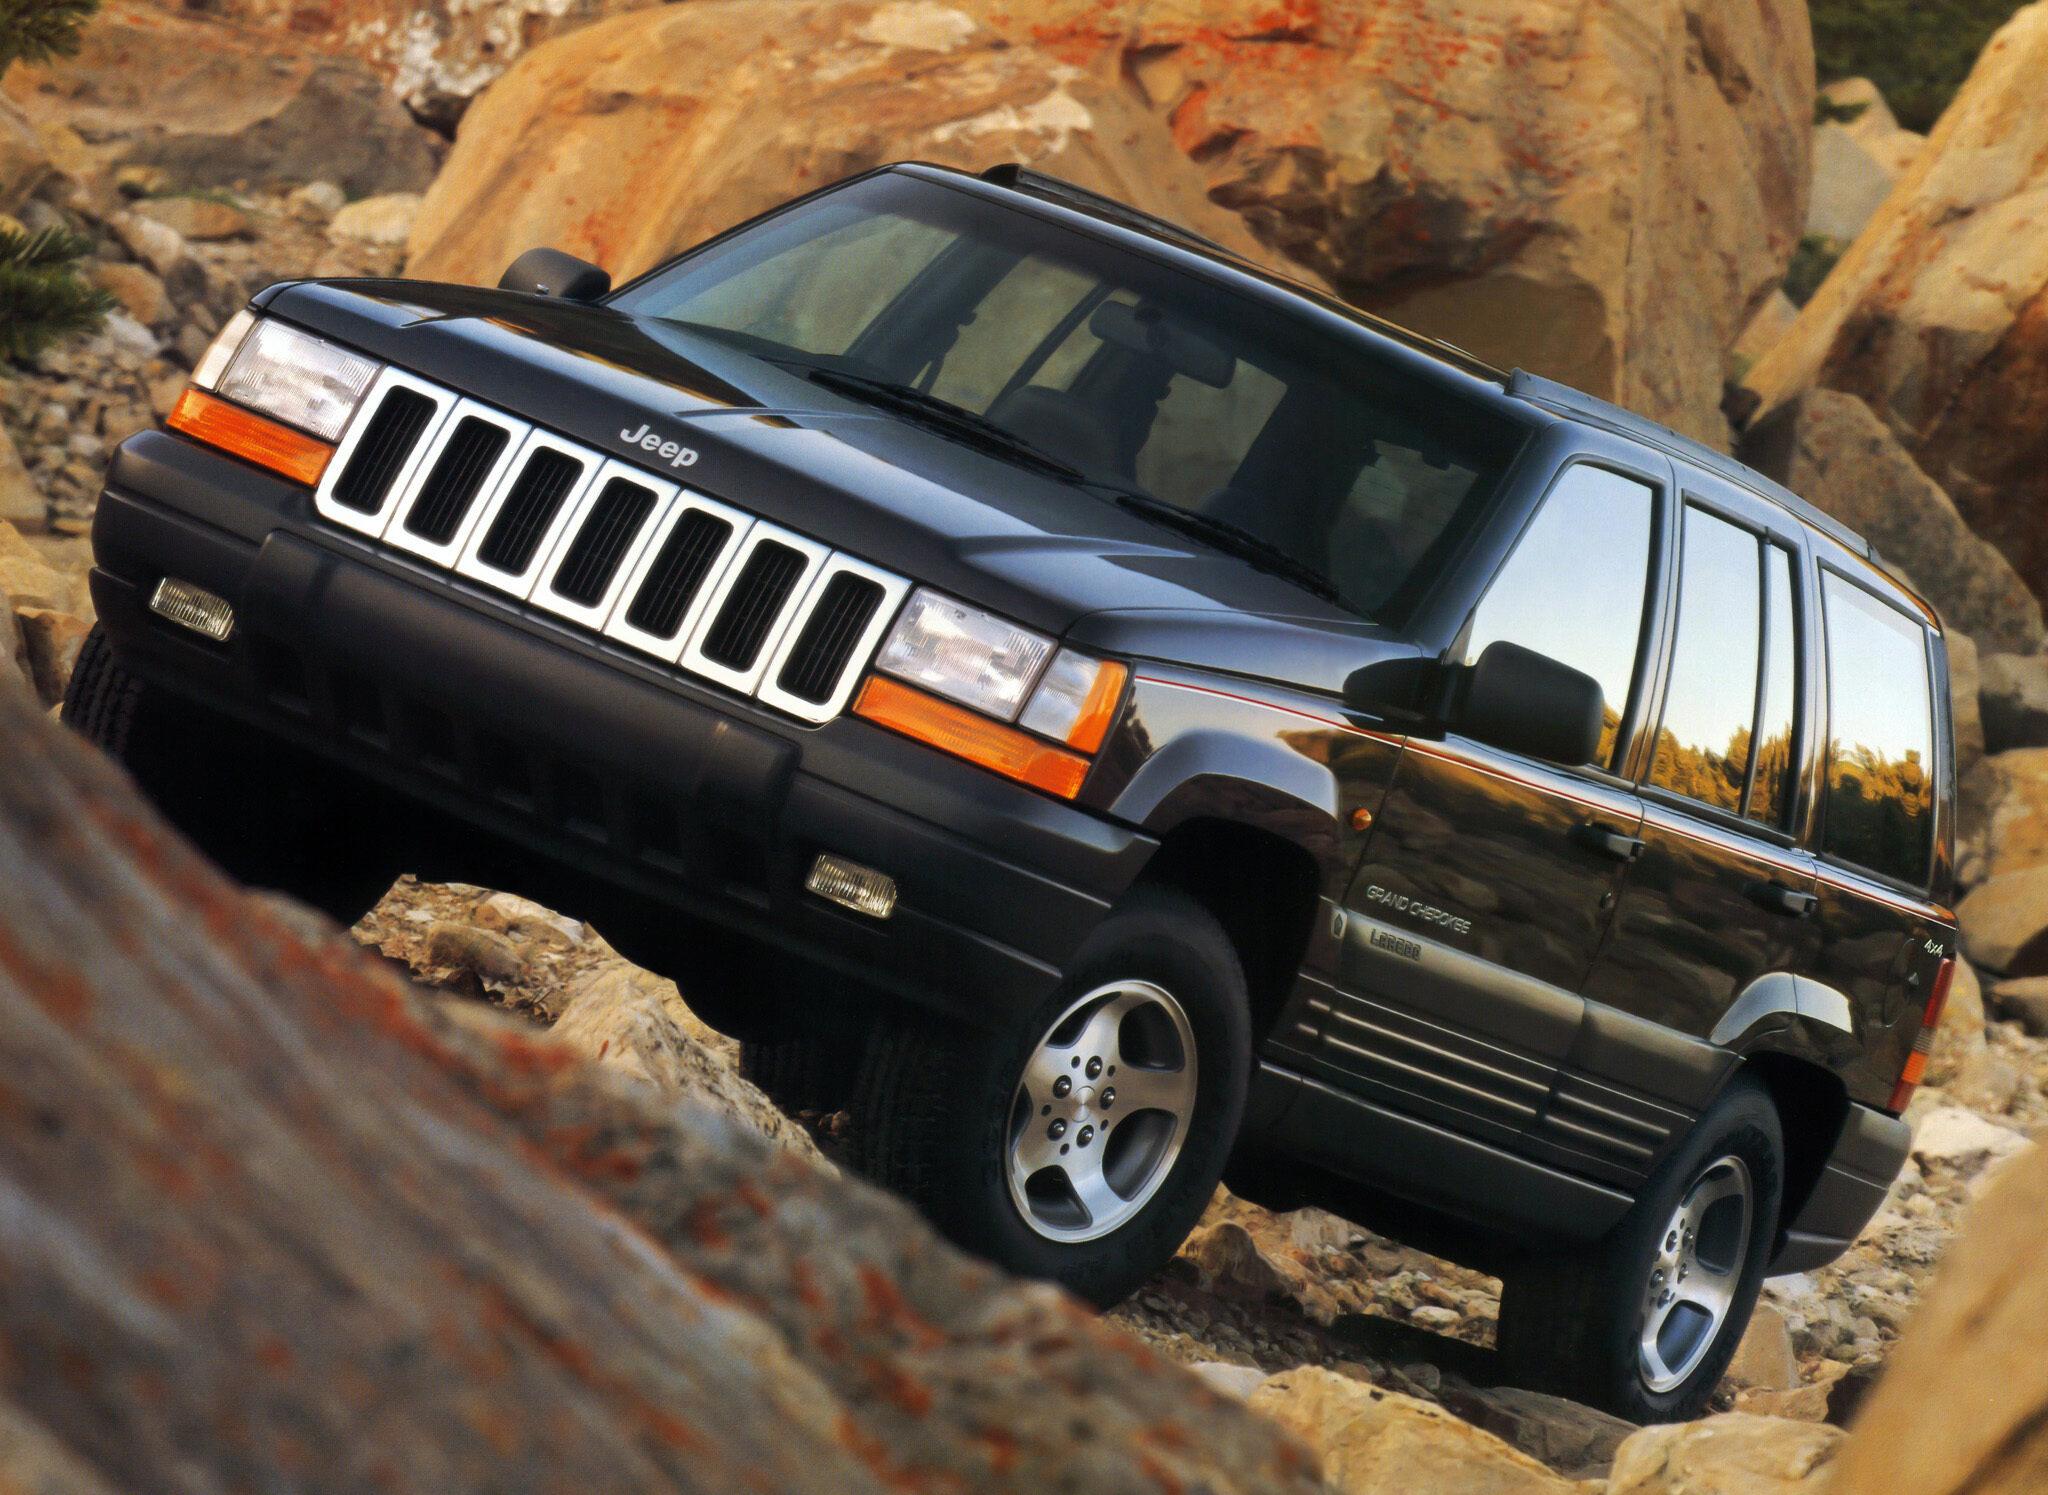 1996 Grand Cherokee Laredo